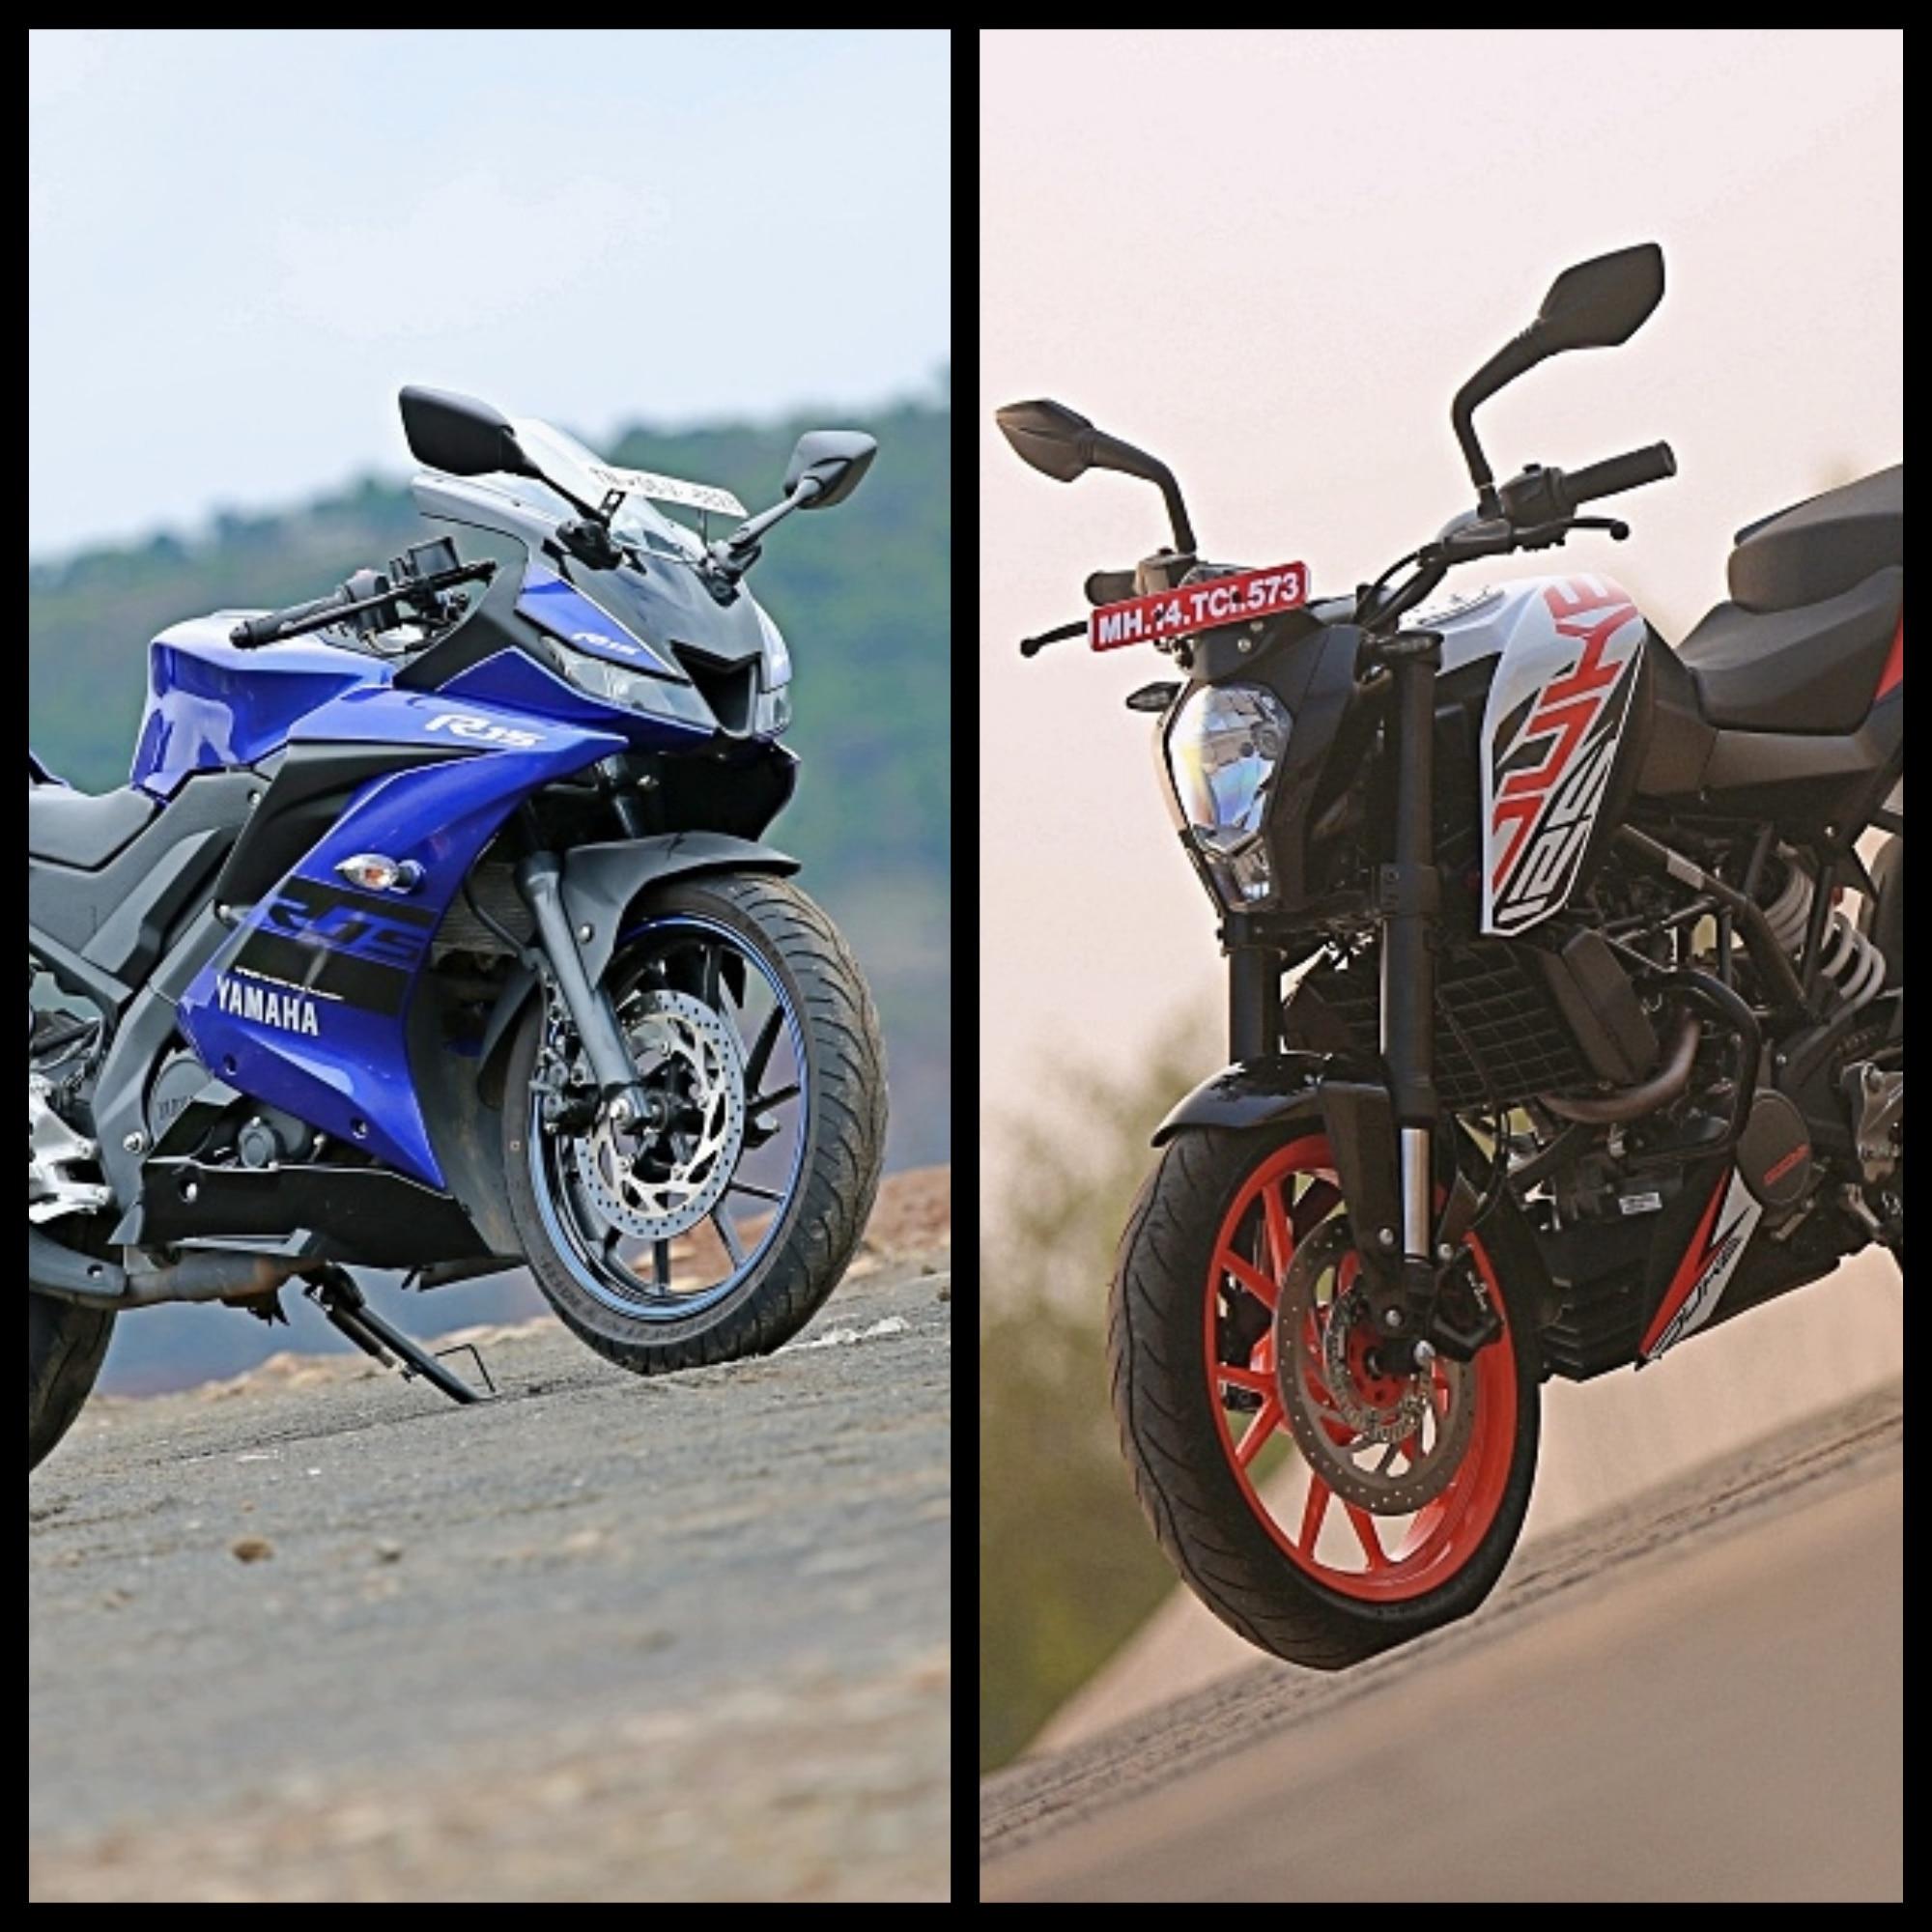 Yamaha YZF R15 V 3.0 ABS Vs KTM 125 Duke: Spec Comparison